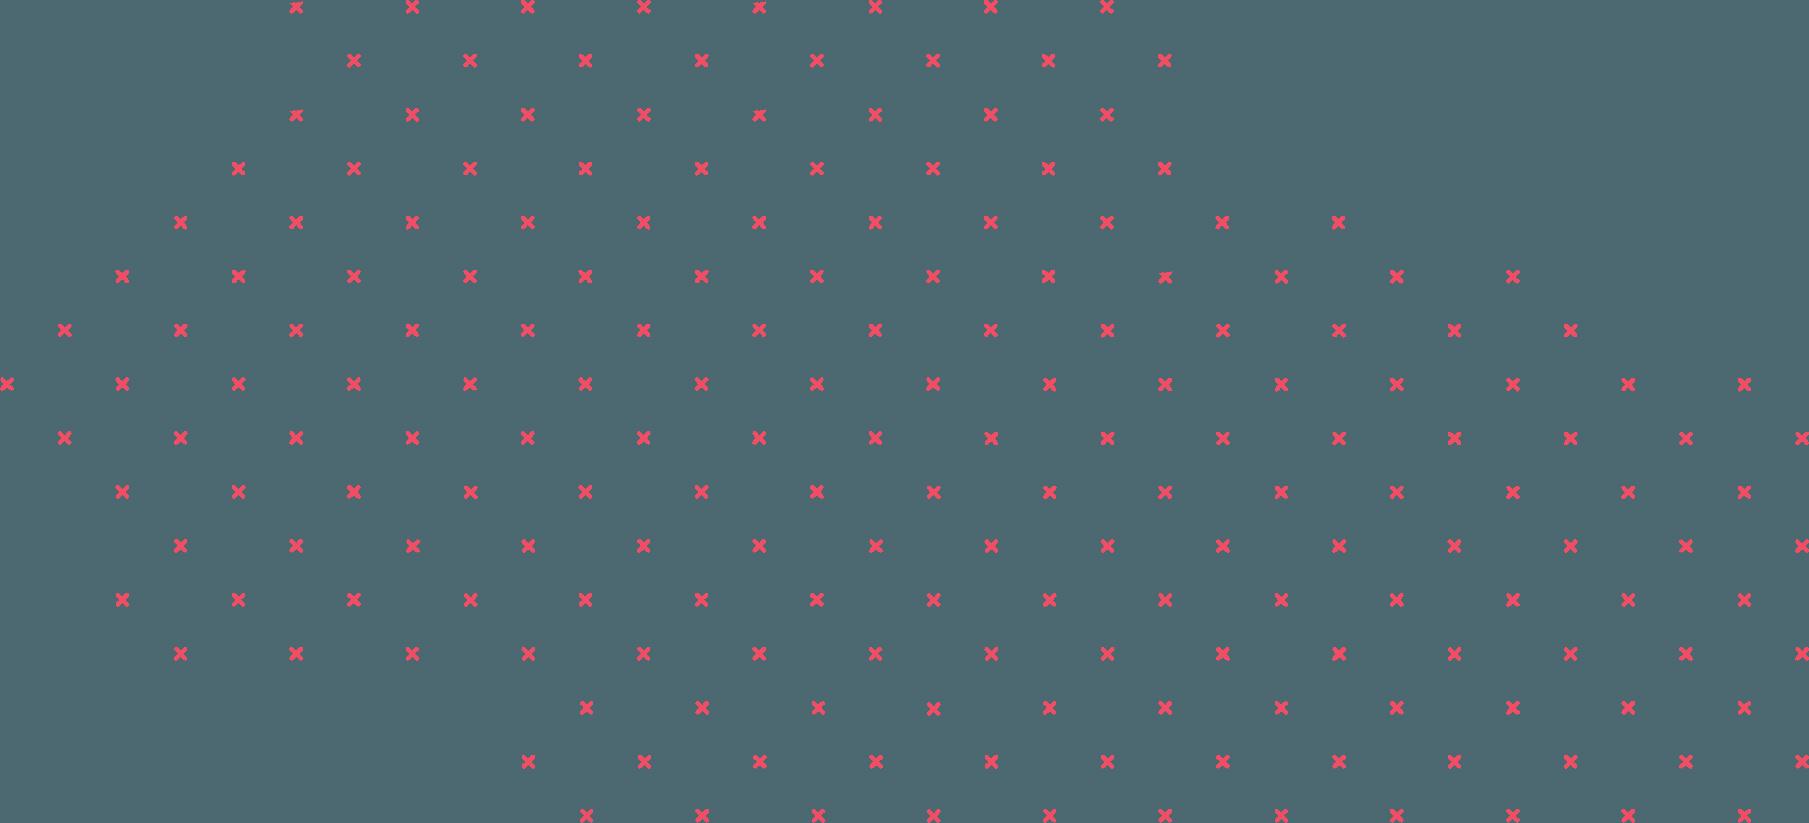 slider dot img 2 red